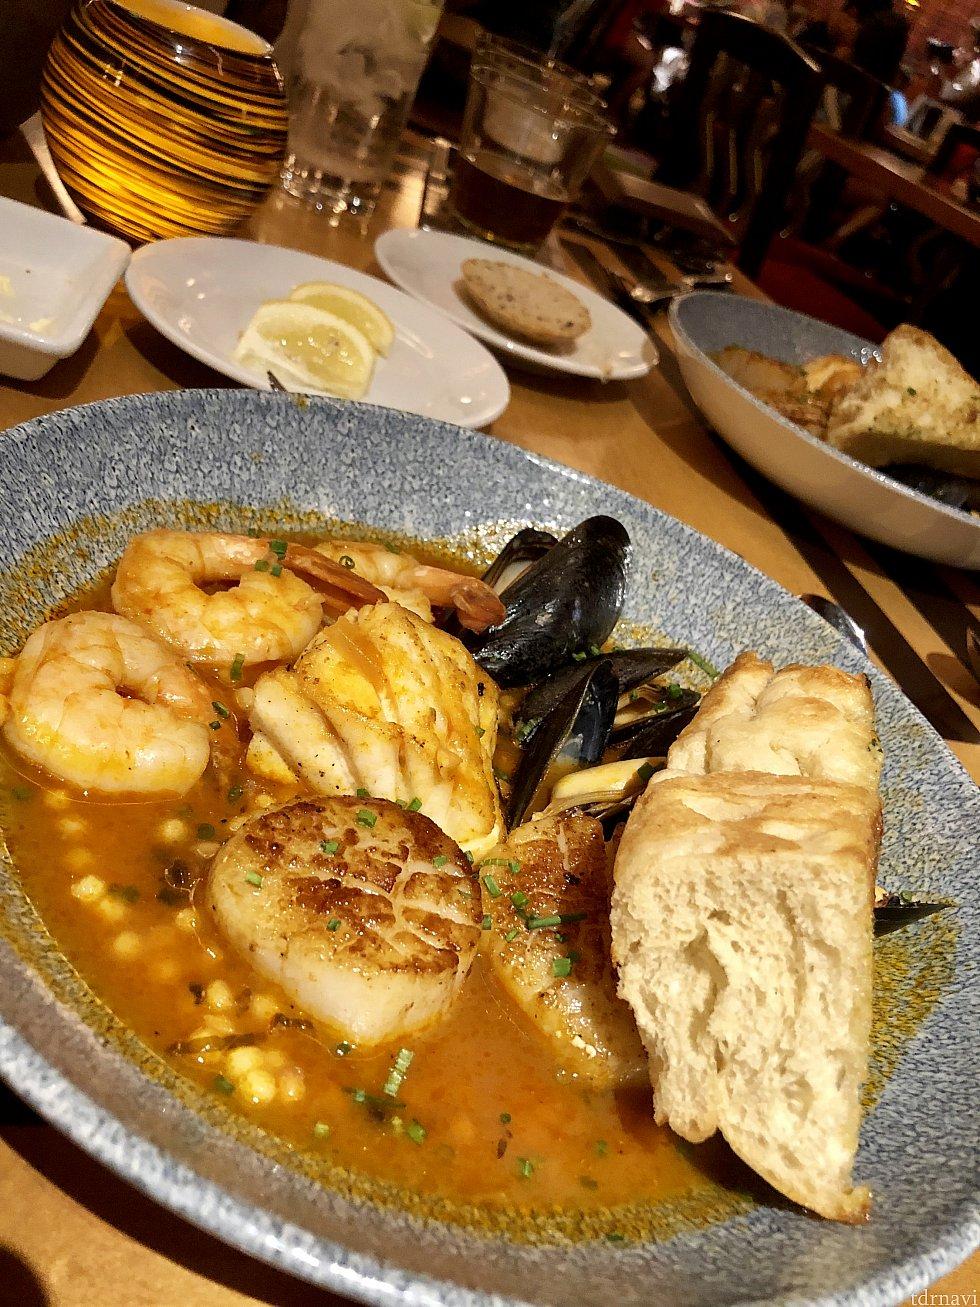 サーバーさん一押しのcioppinoはイタリアのシーフードシチューです。大きいシーフードがこれでもかと言うくらい入っている豪華なお料理。